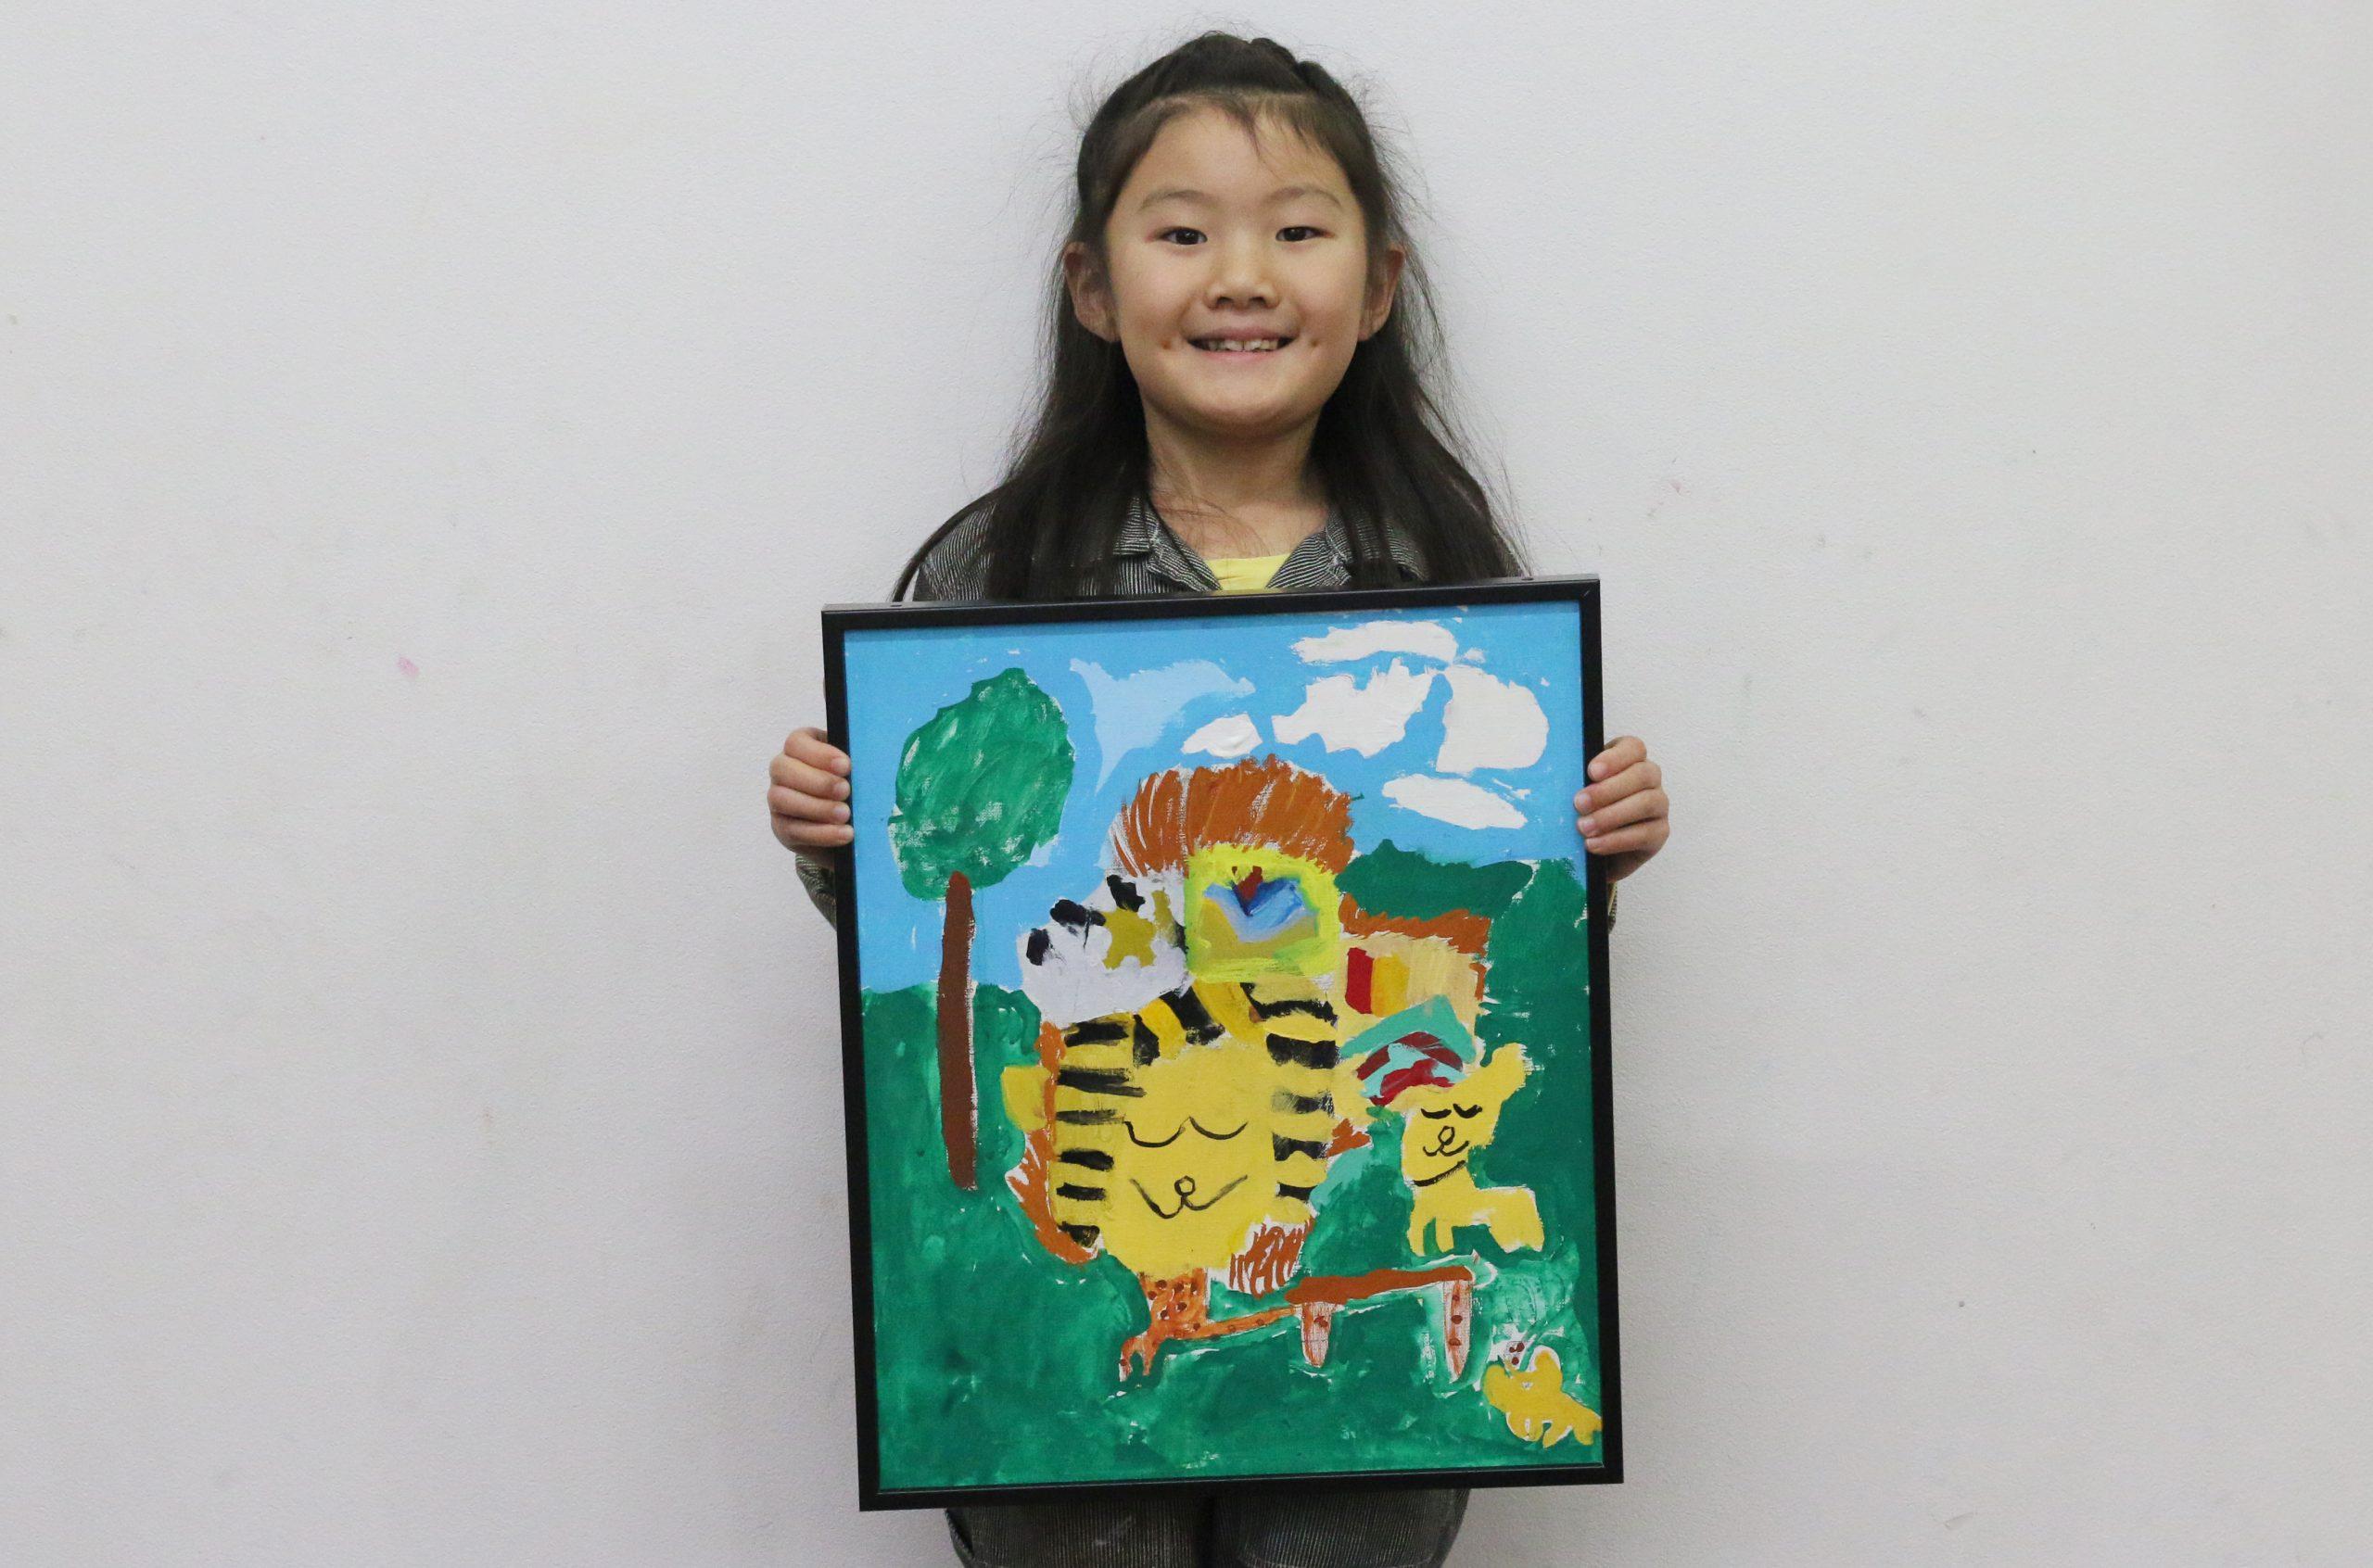 『ライオン』 絵画子どもクラス 榊原夢彩ちゃん イメージ画像